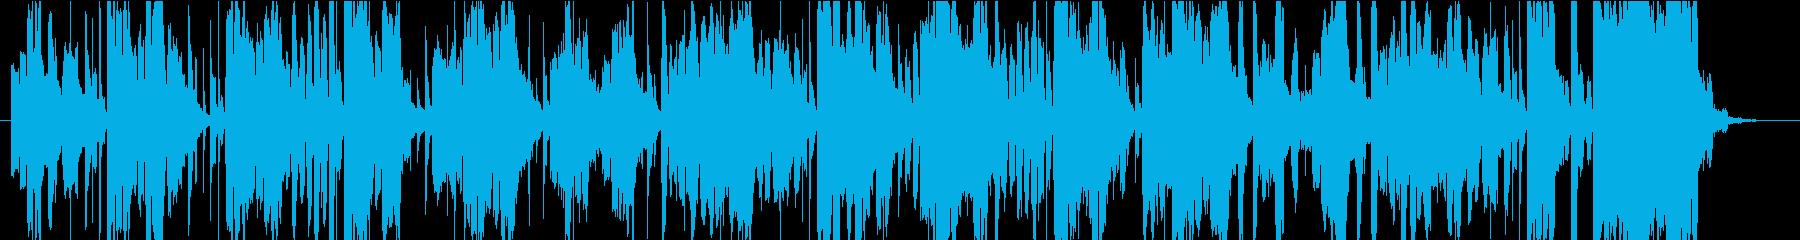 60秒CM ワクワクする事をコソコソと の再生済みの波形